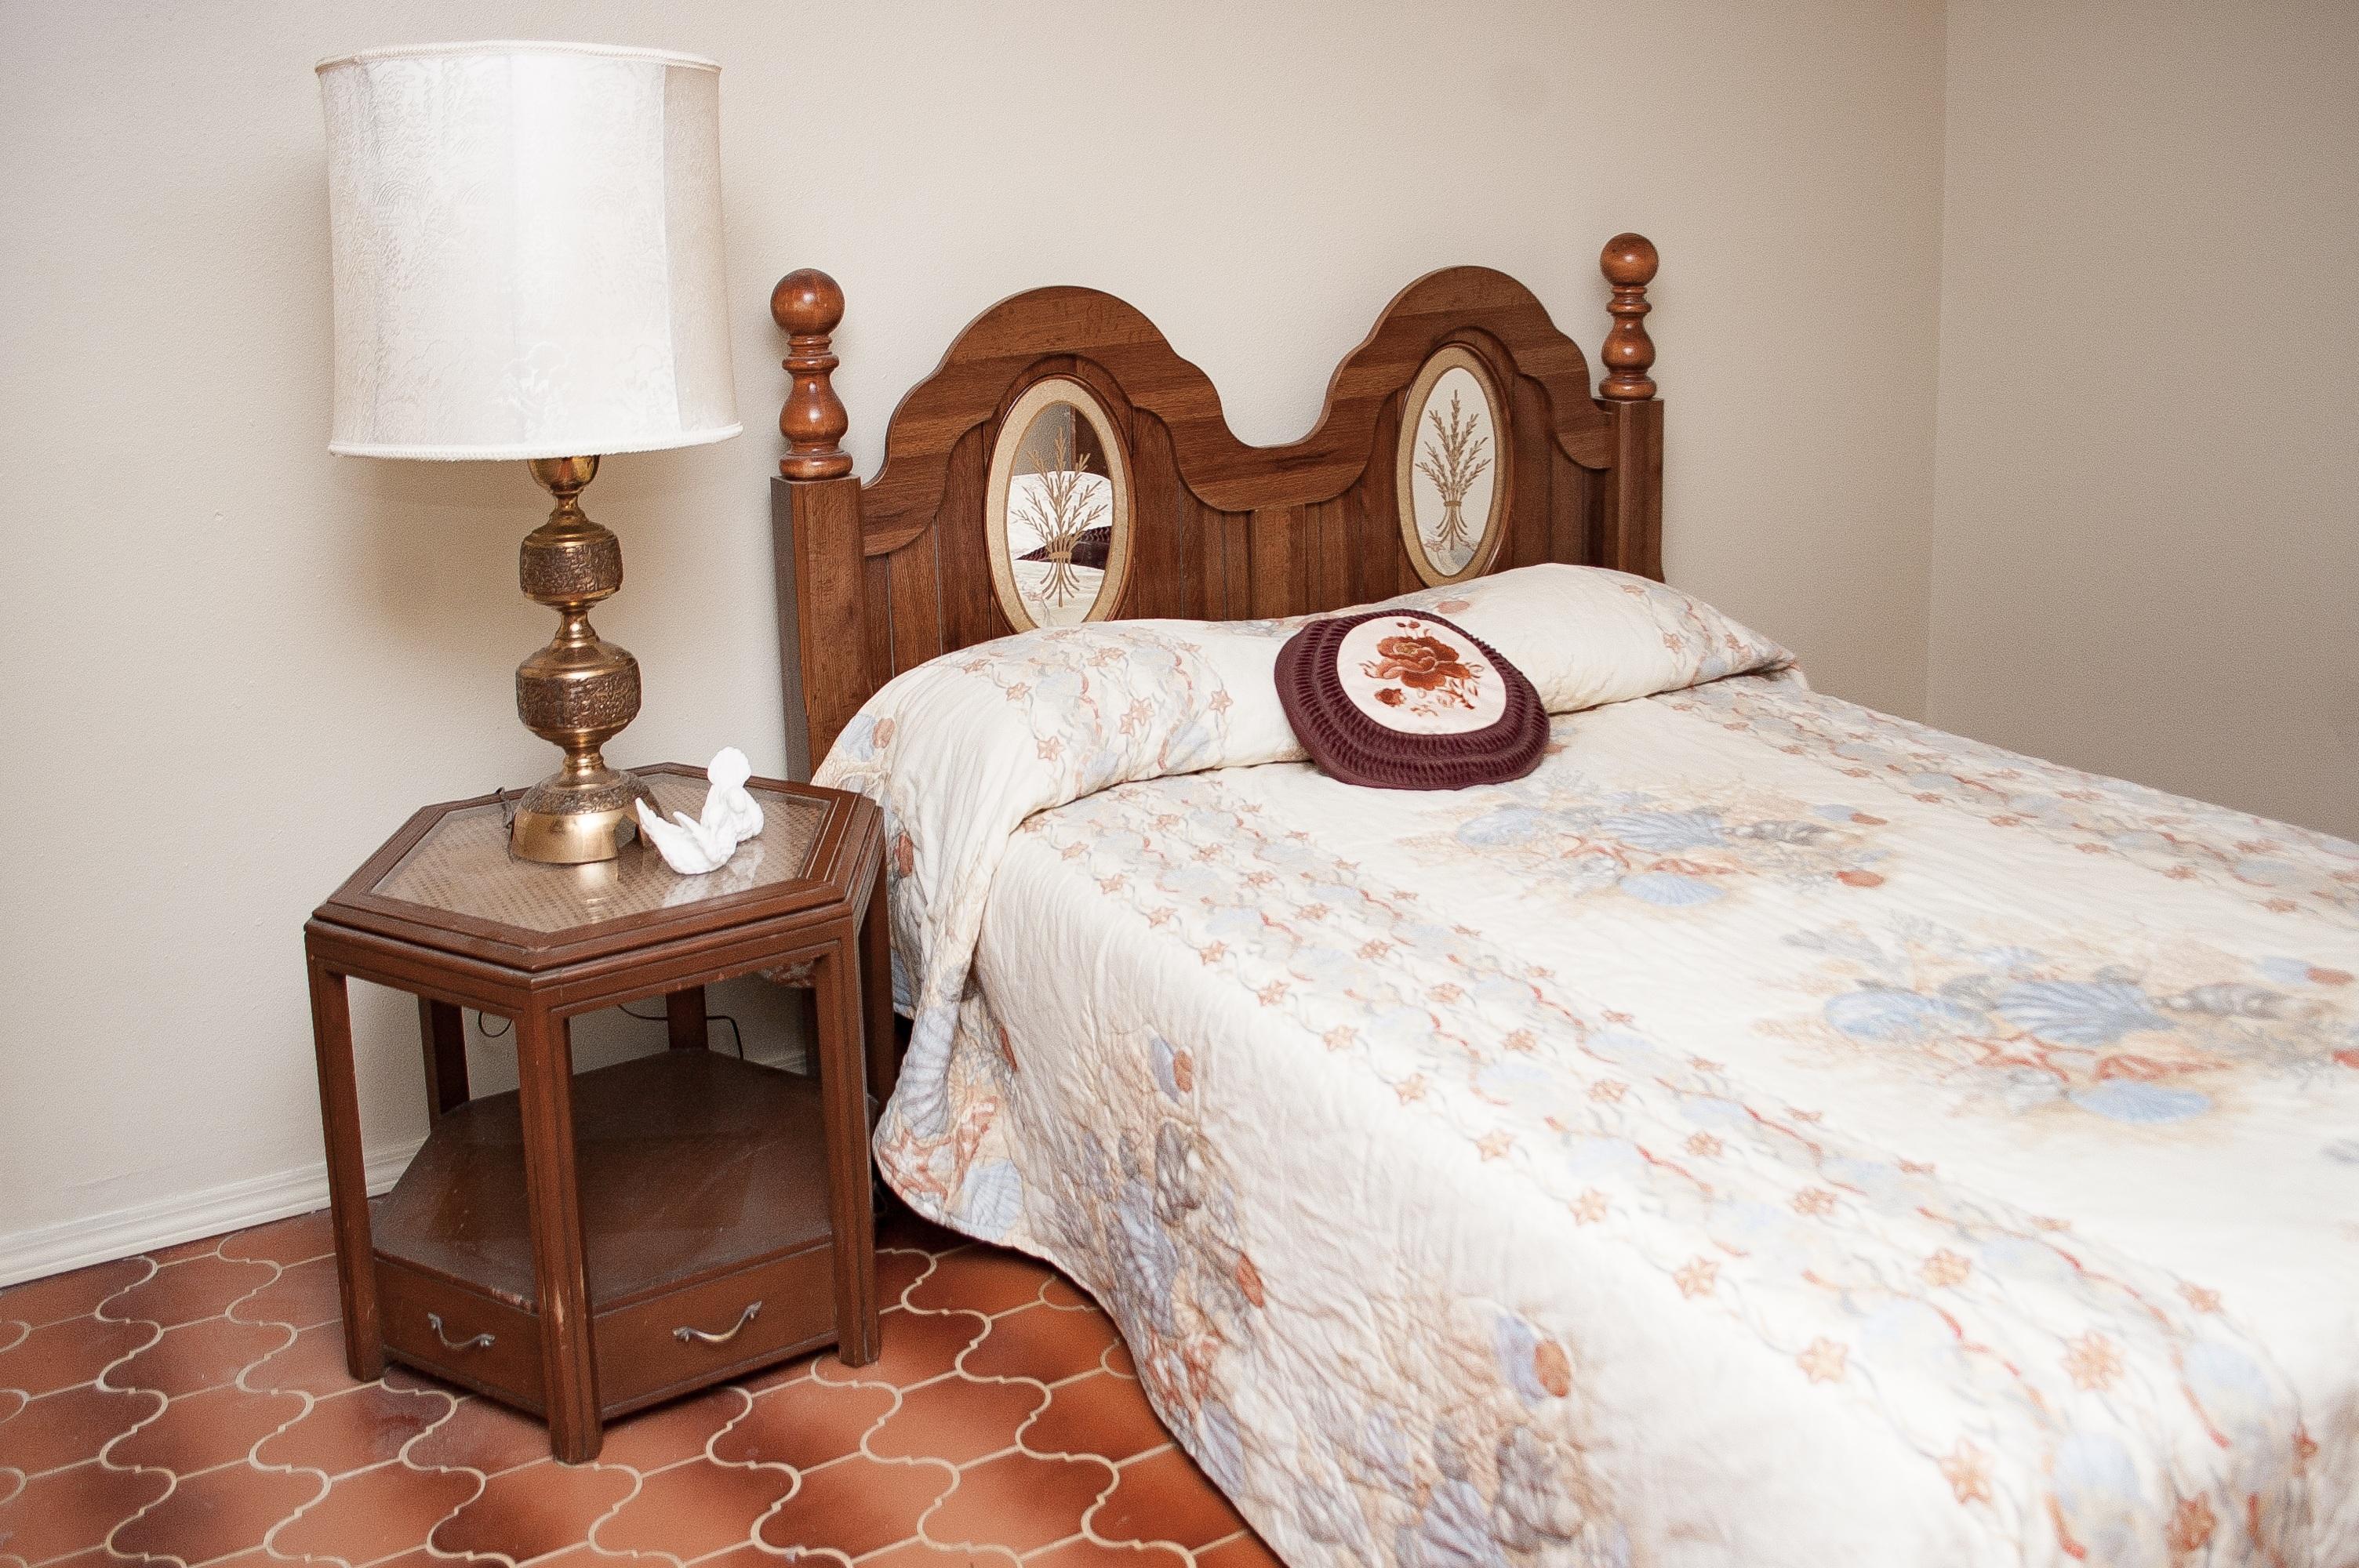 Floor Cottage Furniture Room Bedroom Interior Design Textile Bed Suite Old Fashioned Duvet Cover Sheet